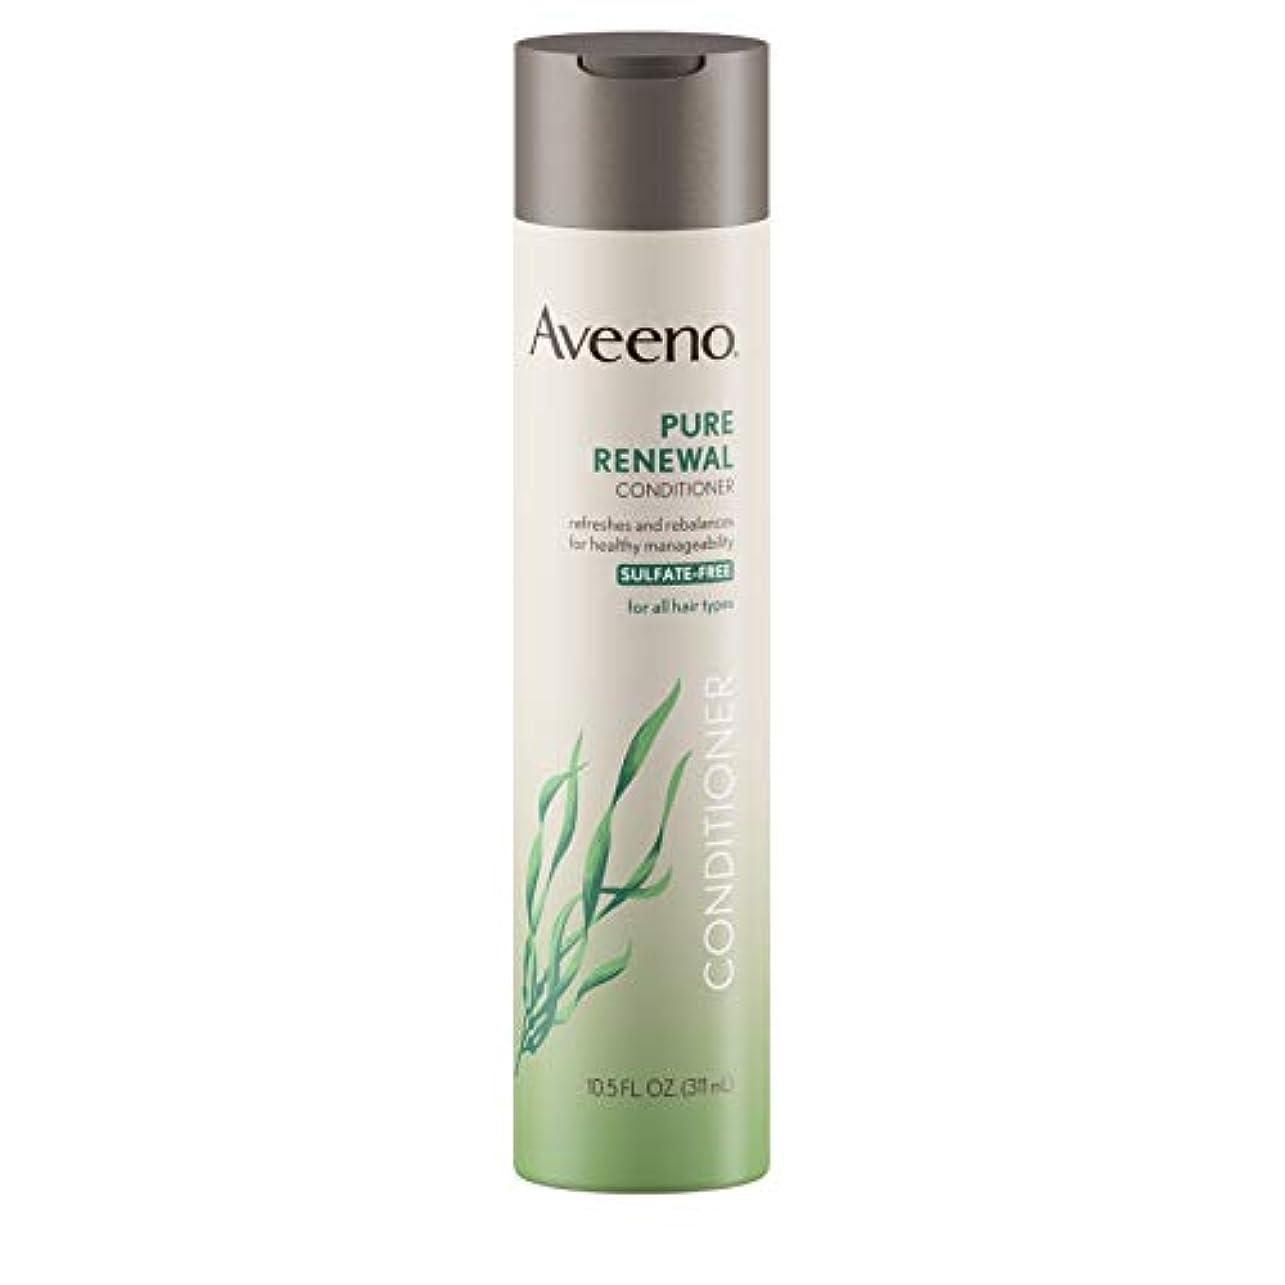 Aveeno Pure Renewal Conditioner 310 ml (Sulfate-Free) (並行輸入品)